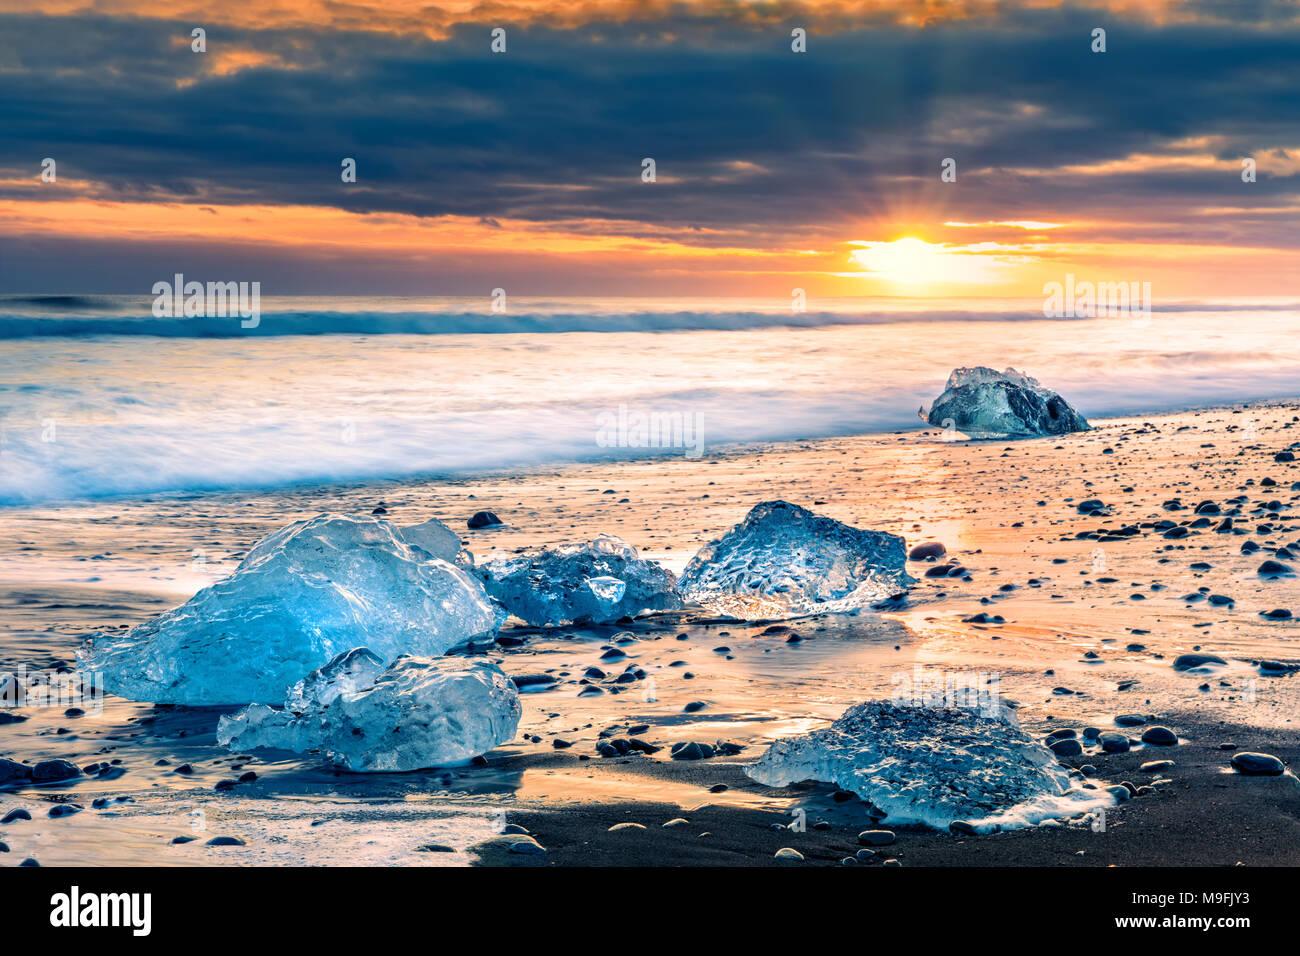 Blocs de glace à la dérive sur la plage du Diamant, au coucher du soleil, Jokulsarlon, Islande Photo Stock